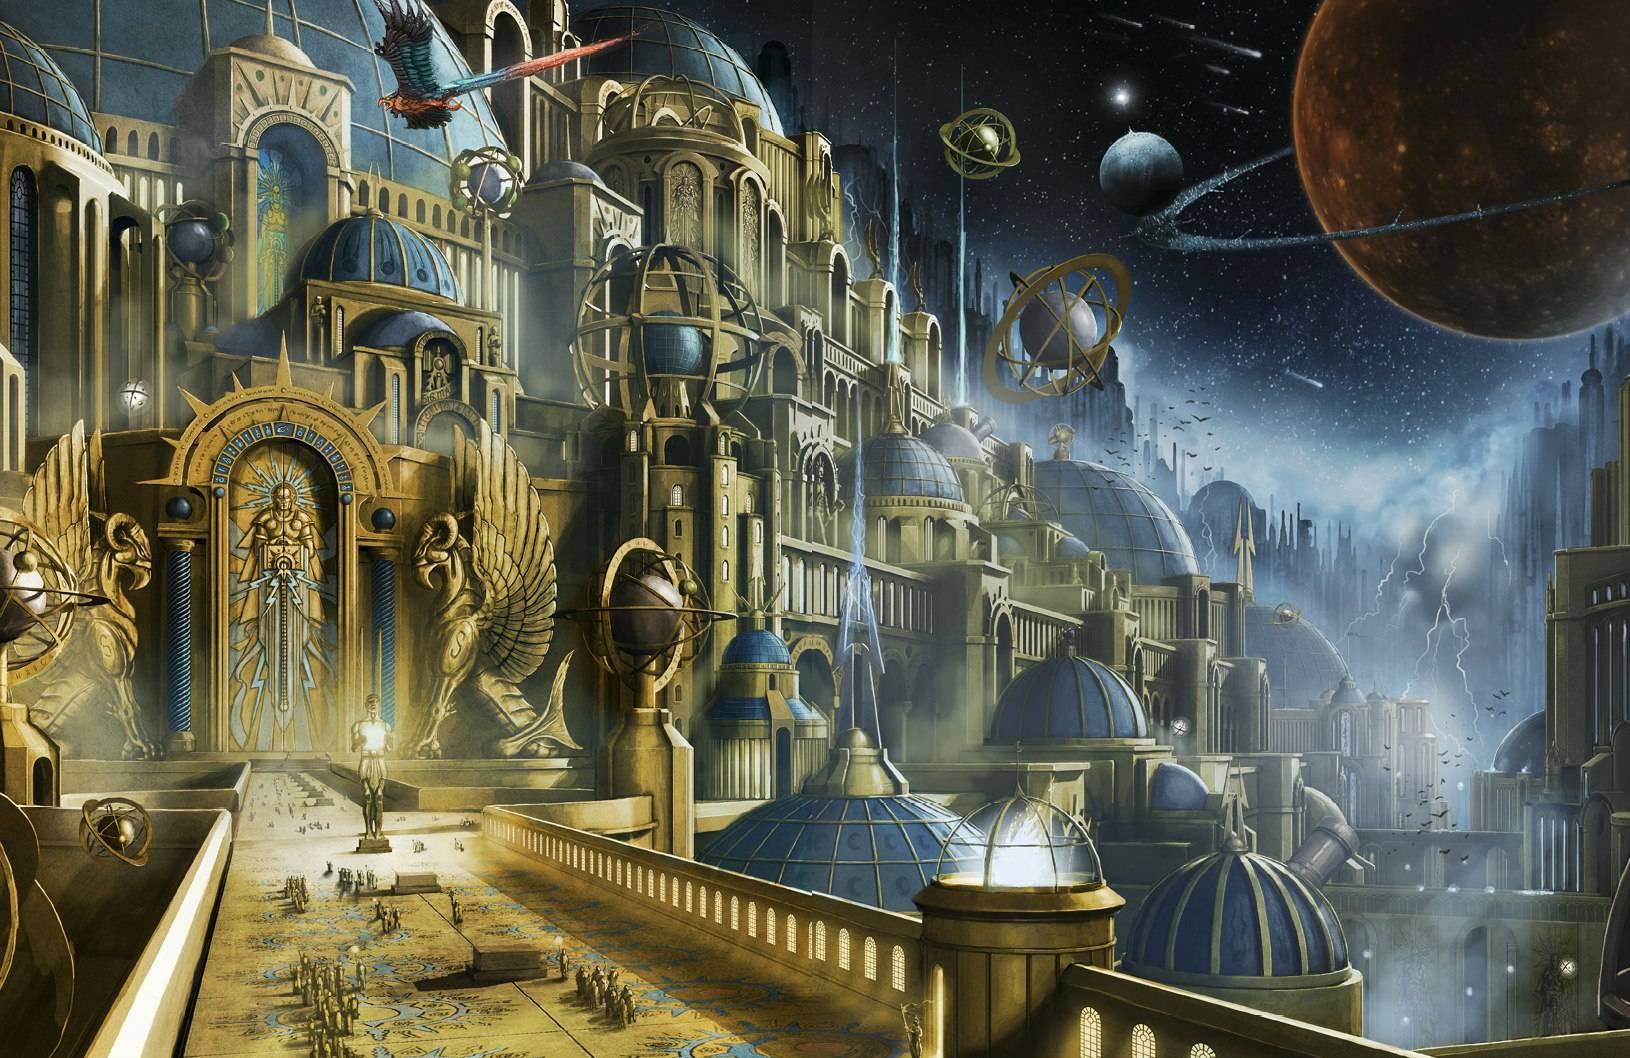 Конец времён иновое начало. Warhammer: Age of Sigmar